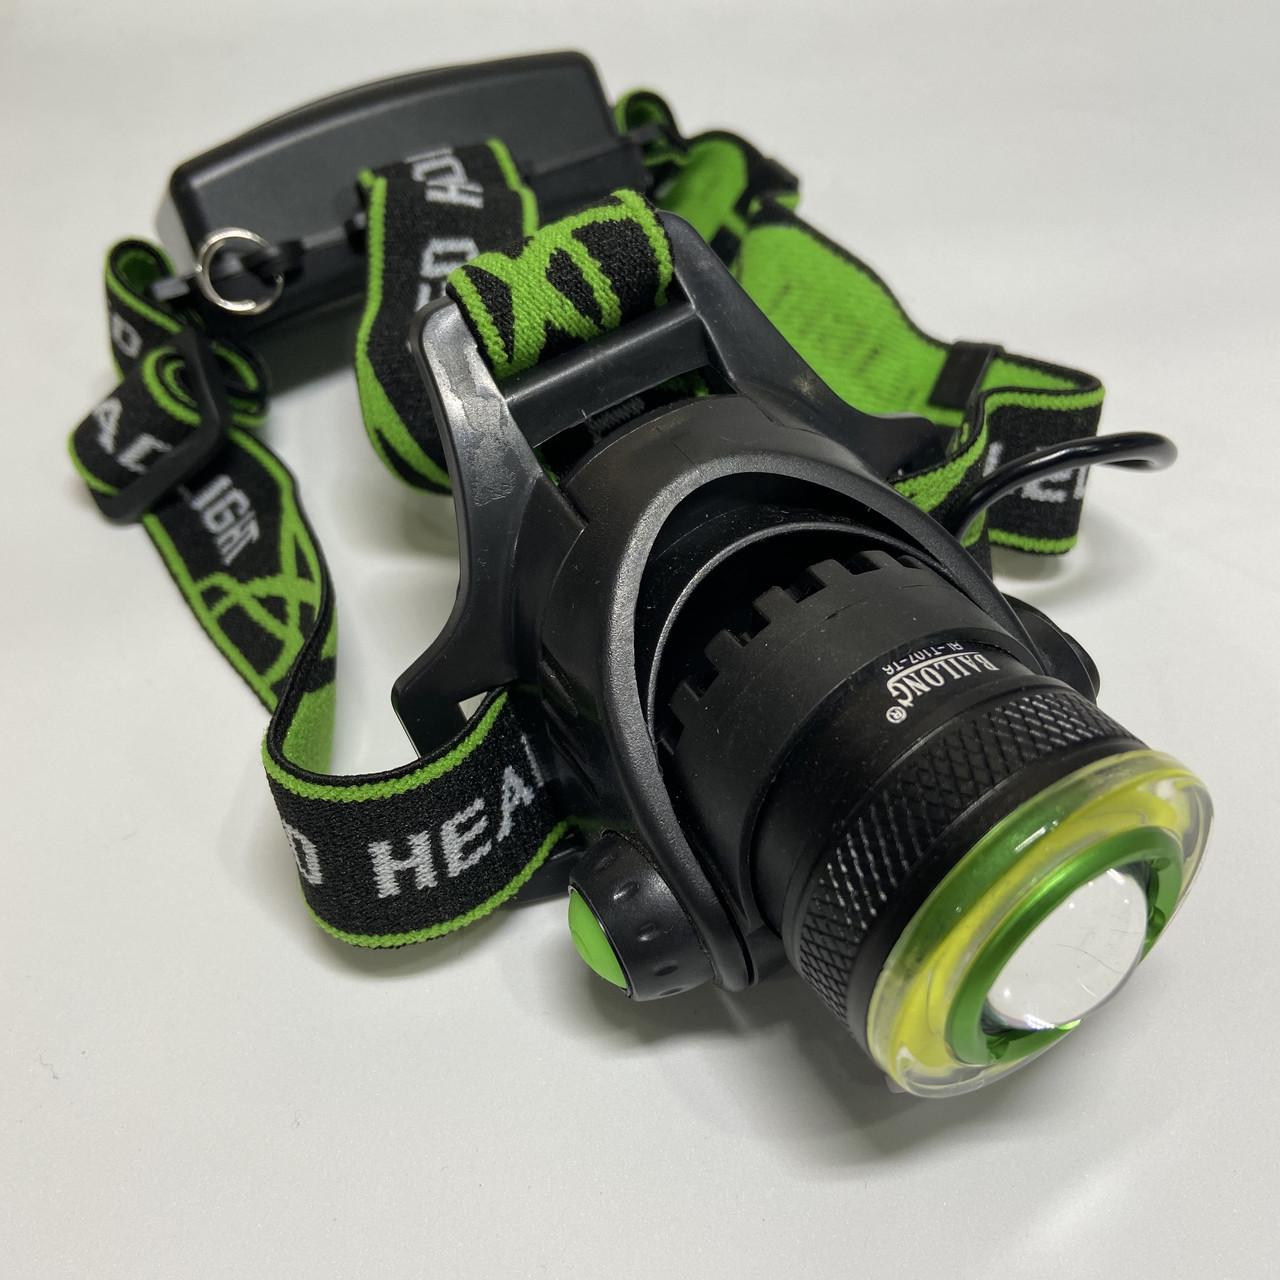 Аккумуляторный налобный фонарь BL-T107-T6